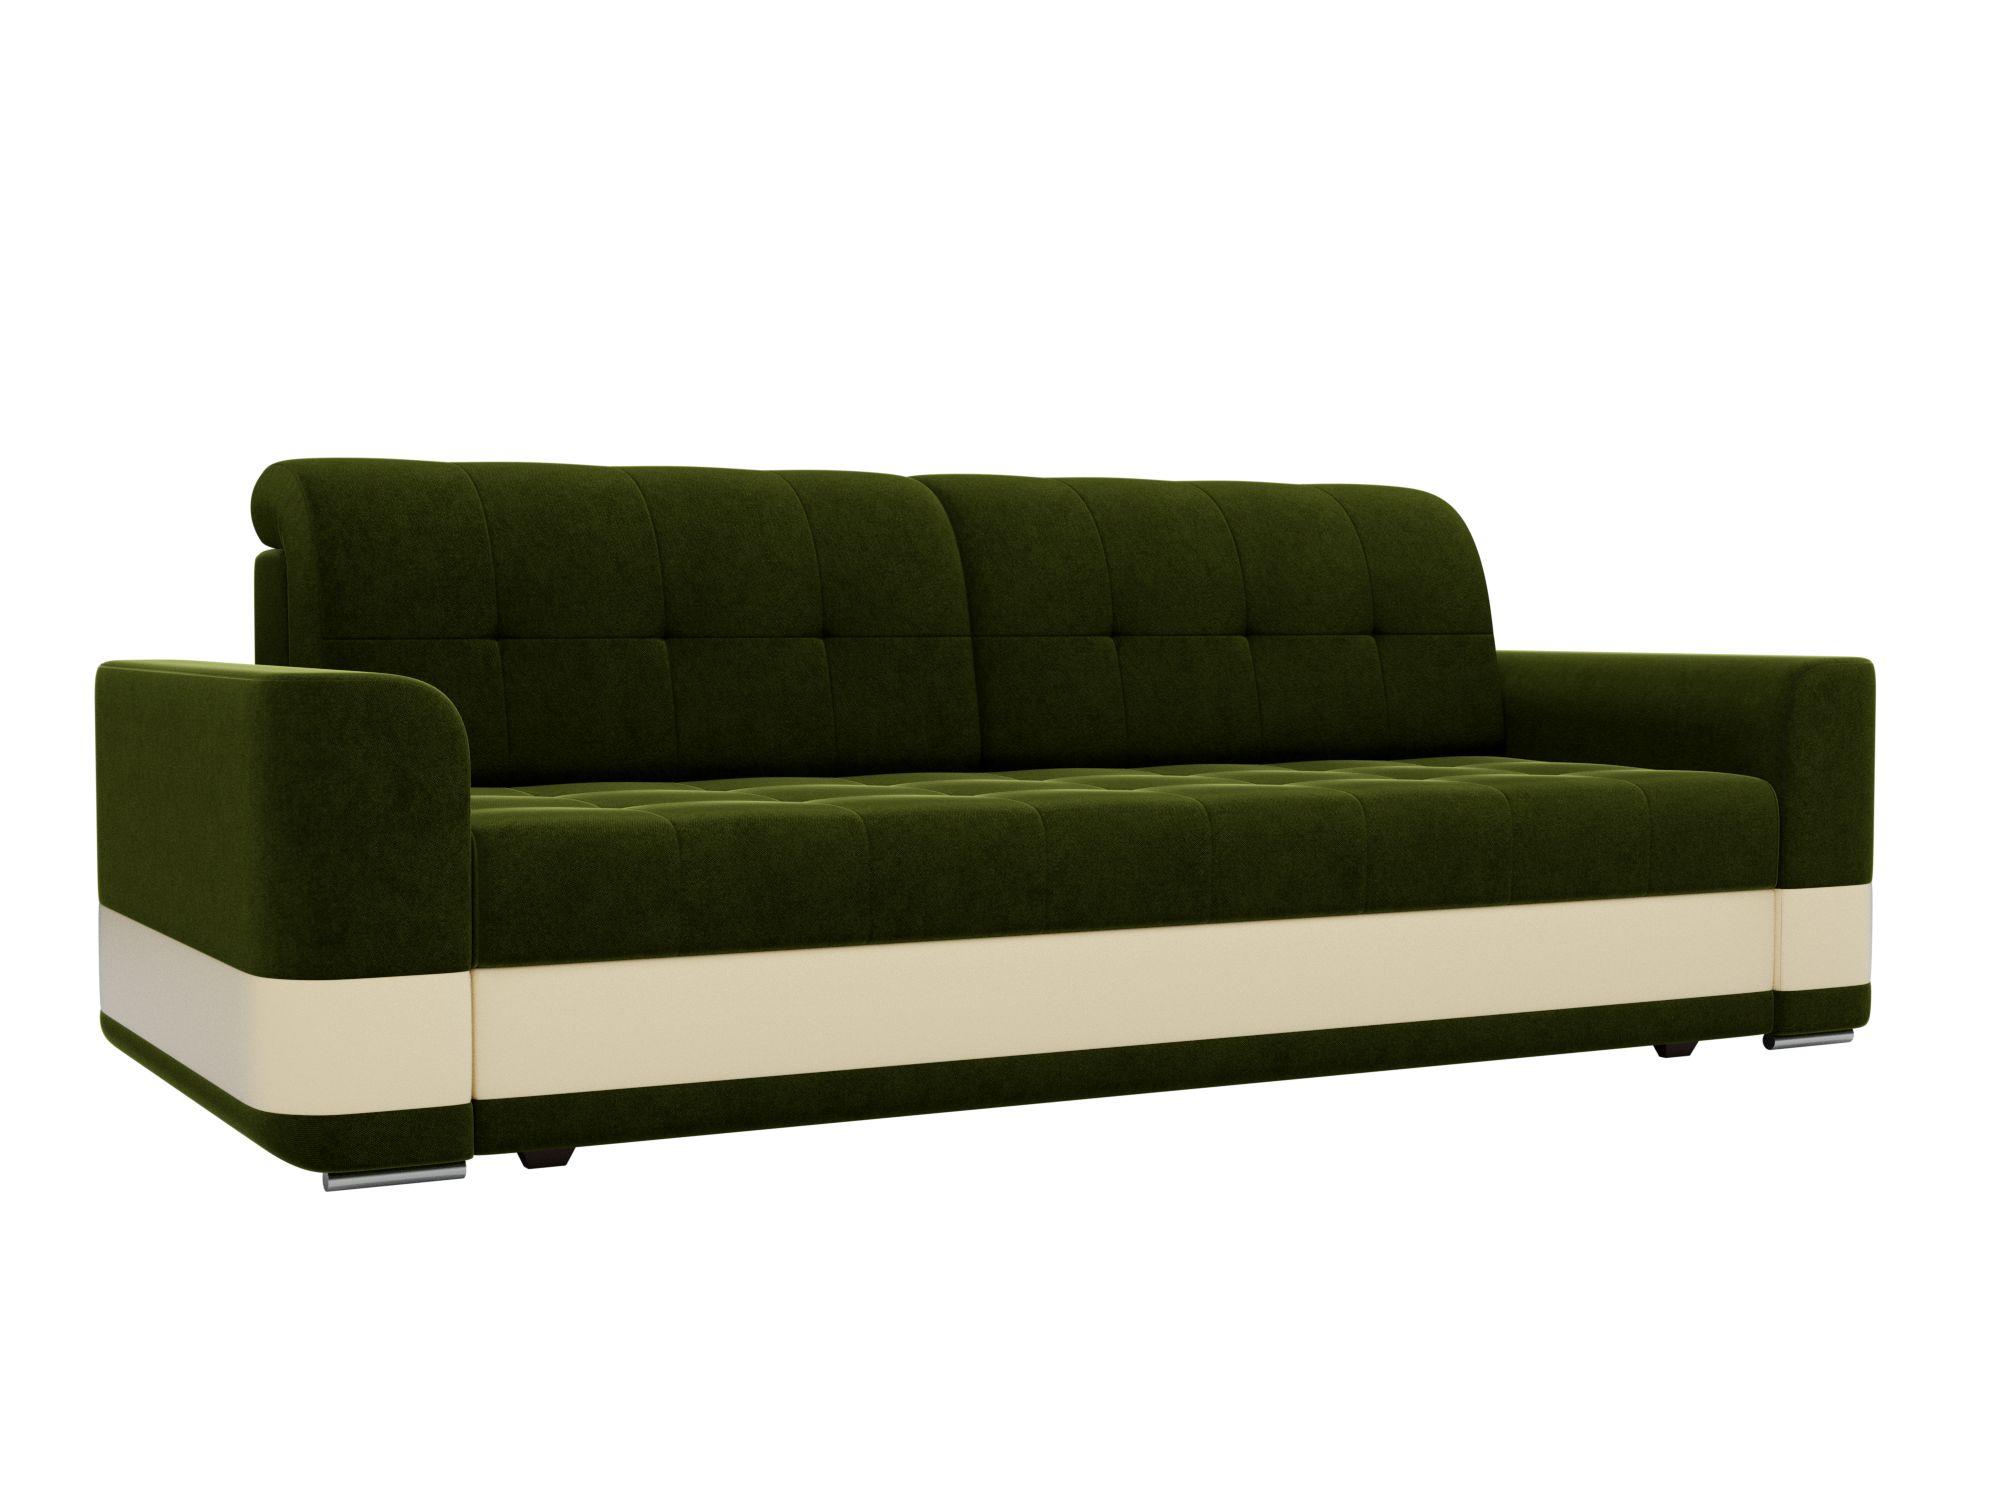 Диван прямой Мебелико Честер микровельвет зеленый/ эко кожа бежевый